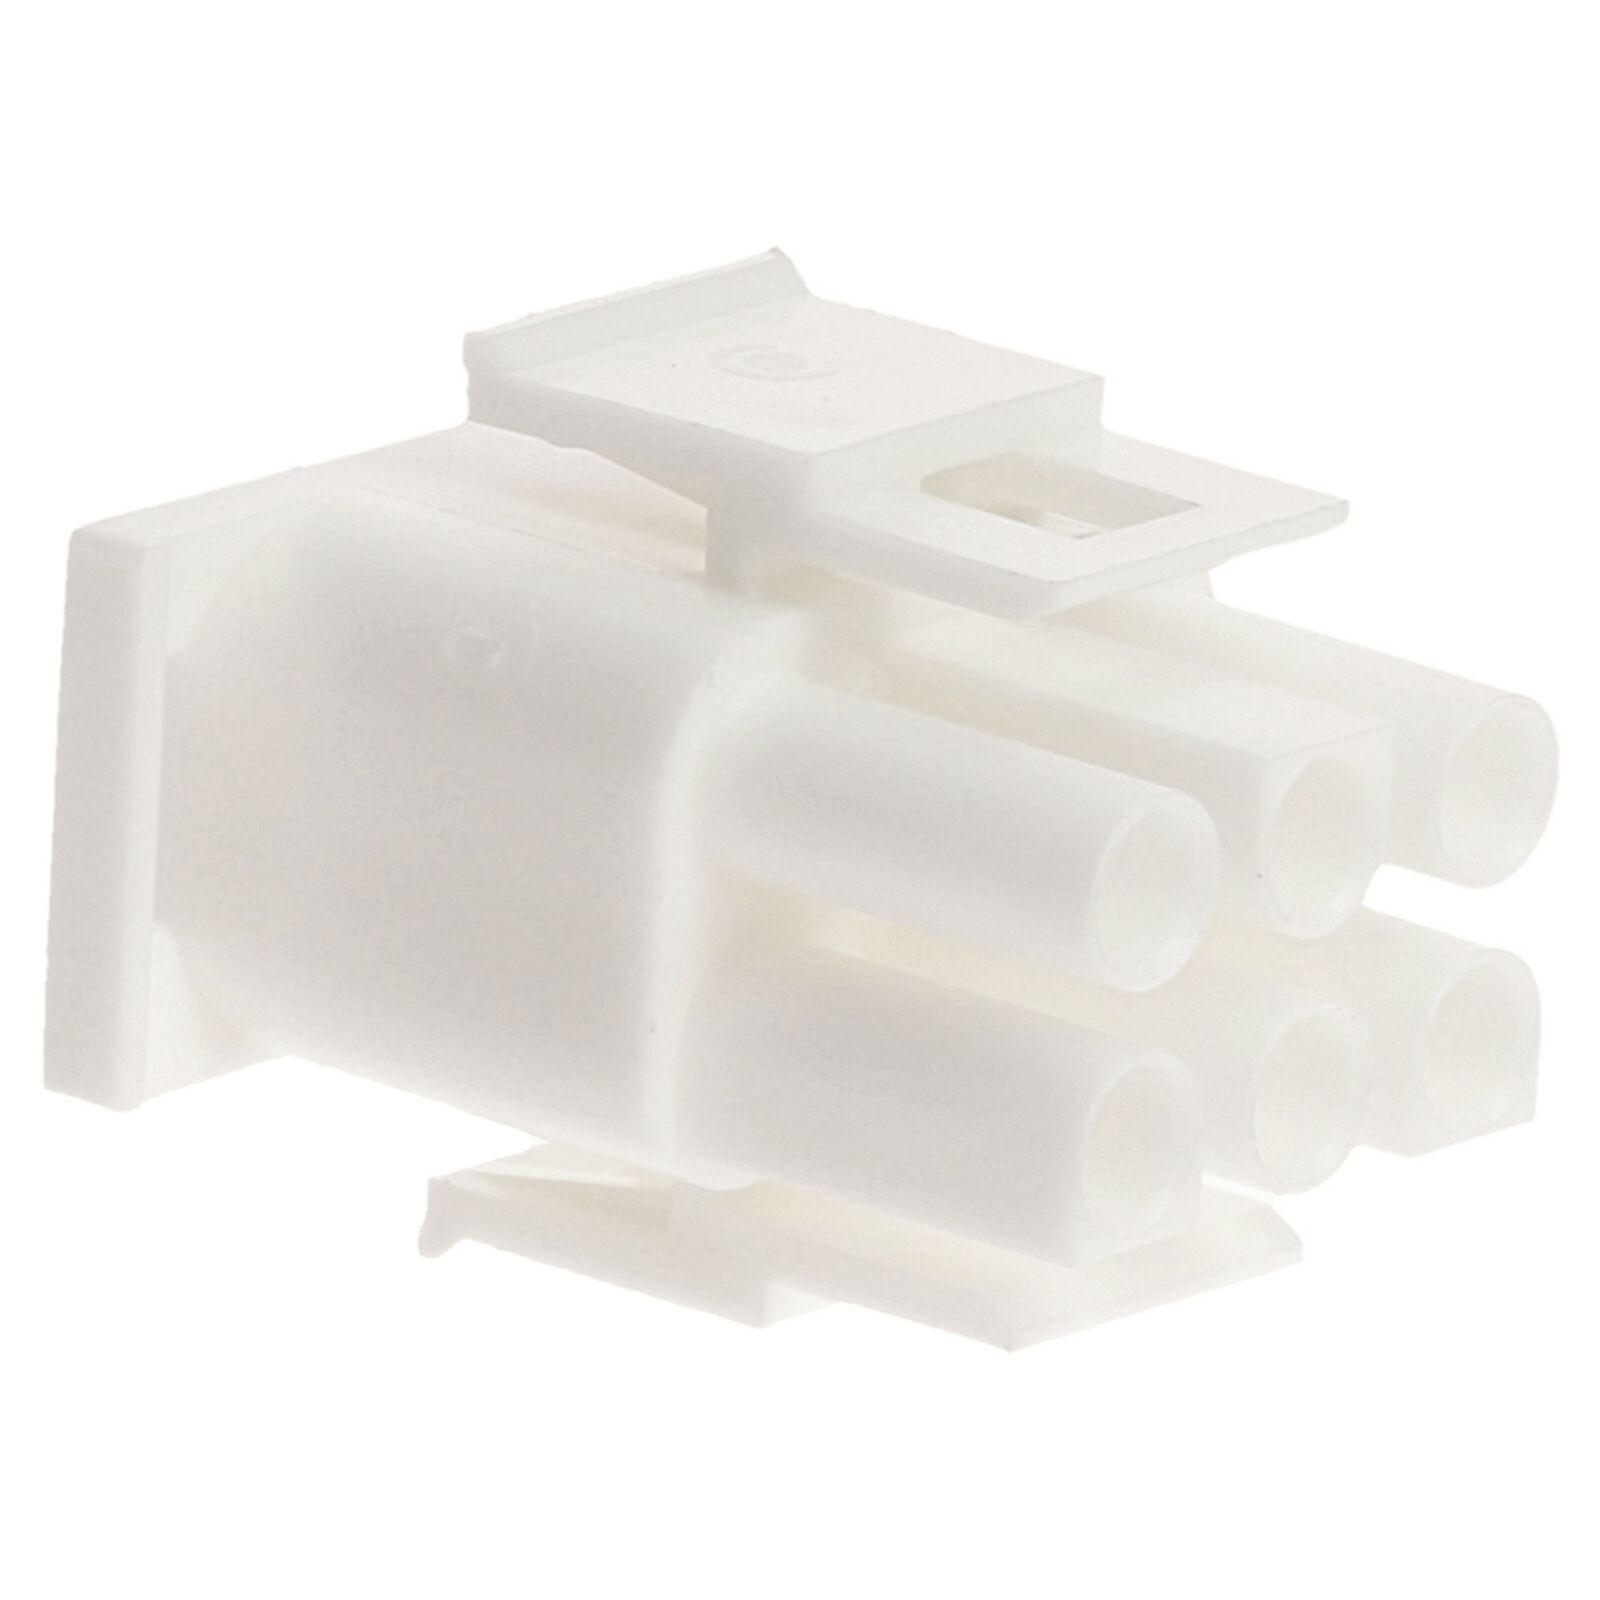 Stecker Stiftgehäuse Universal Mate N Lok 5-polig incl Kontakten